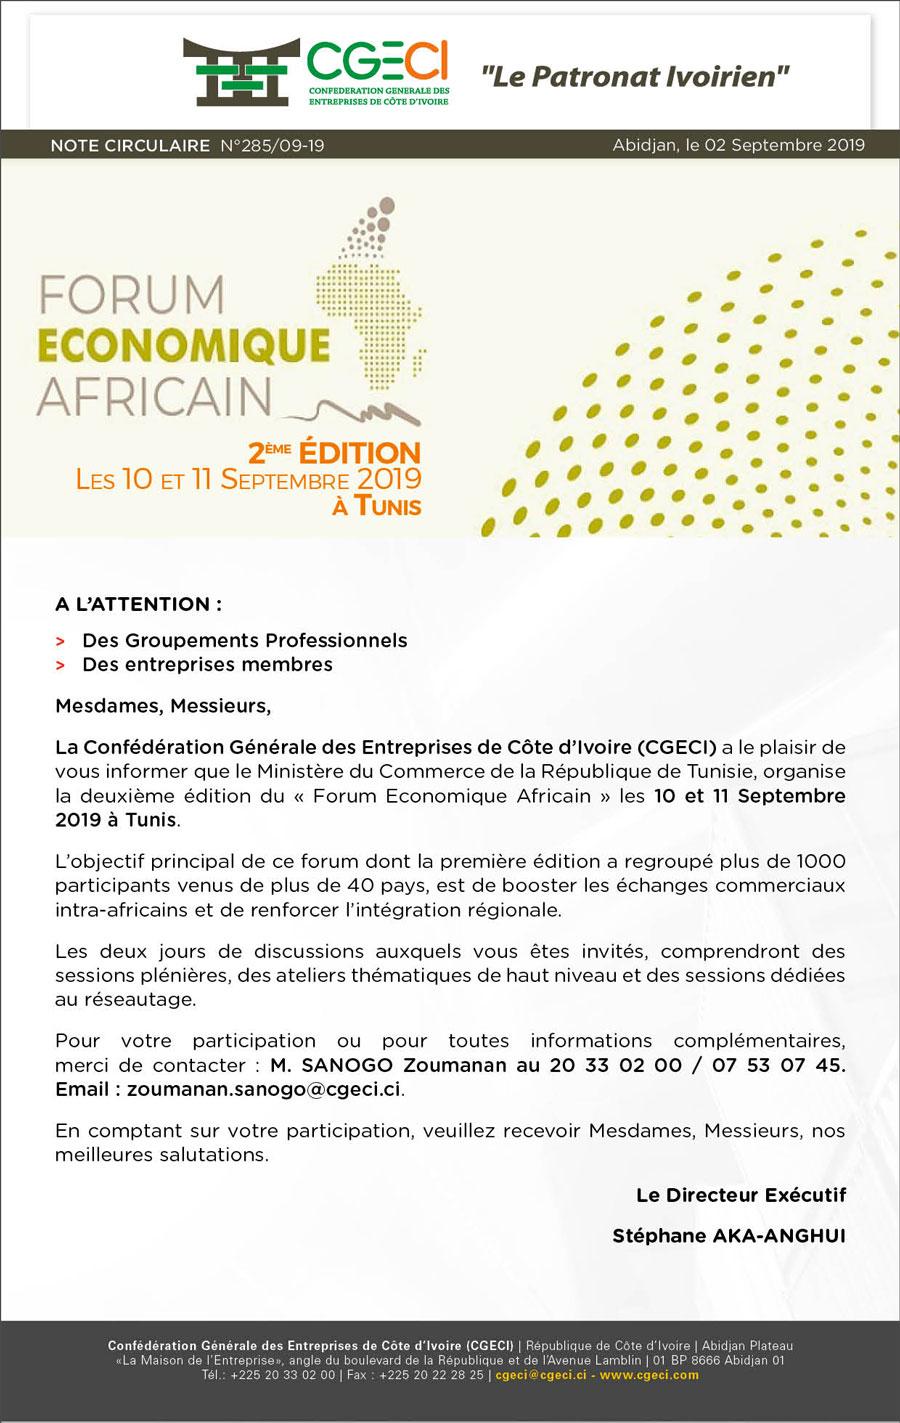 NC 285 2è Edition du Forum Economique Africain